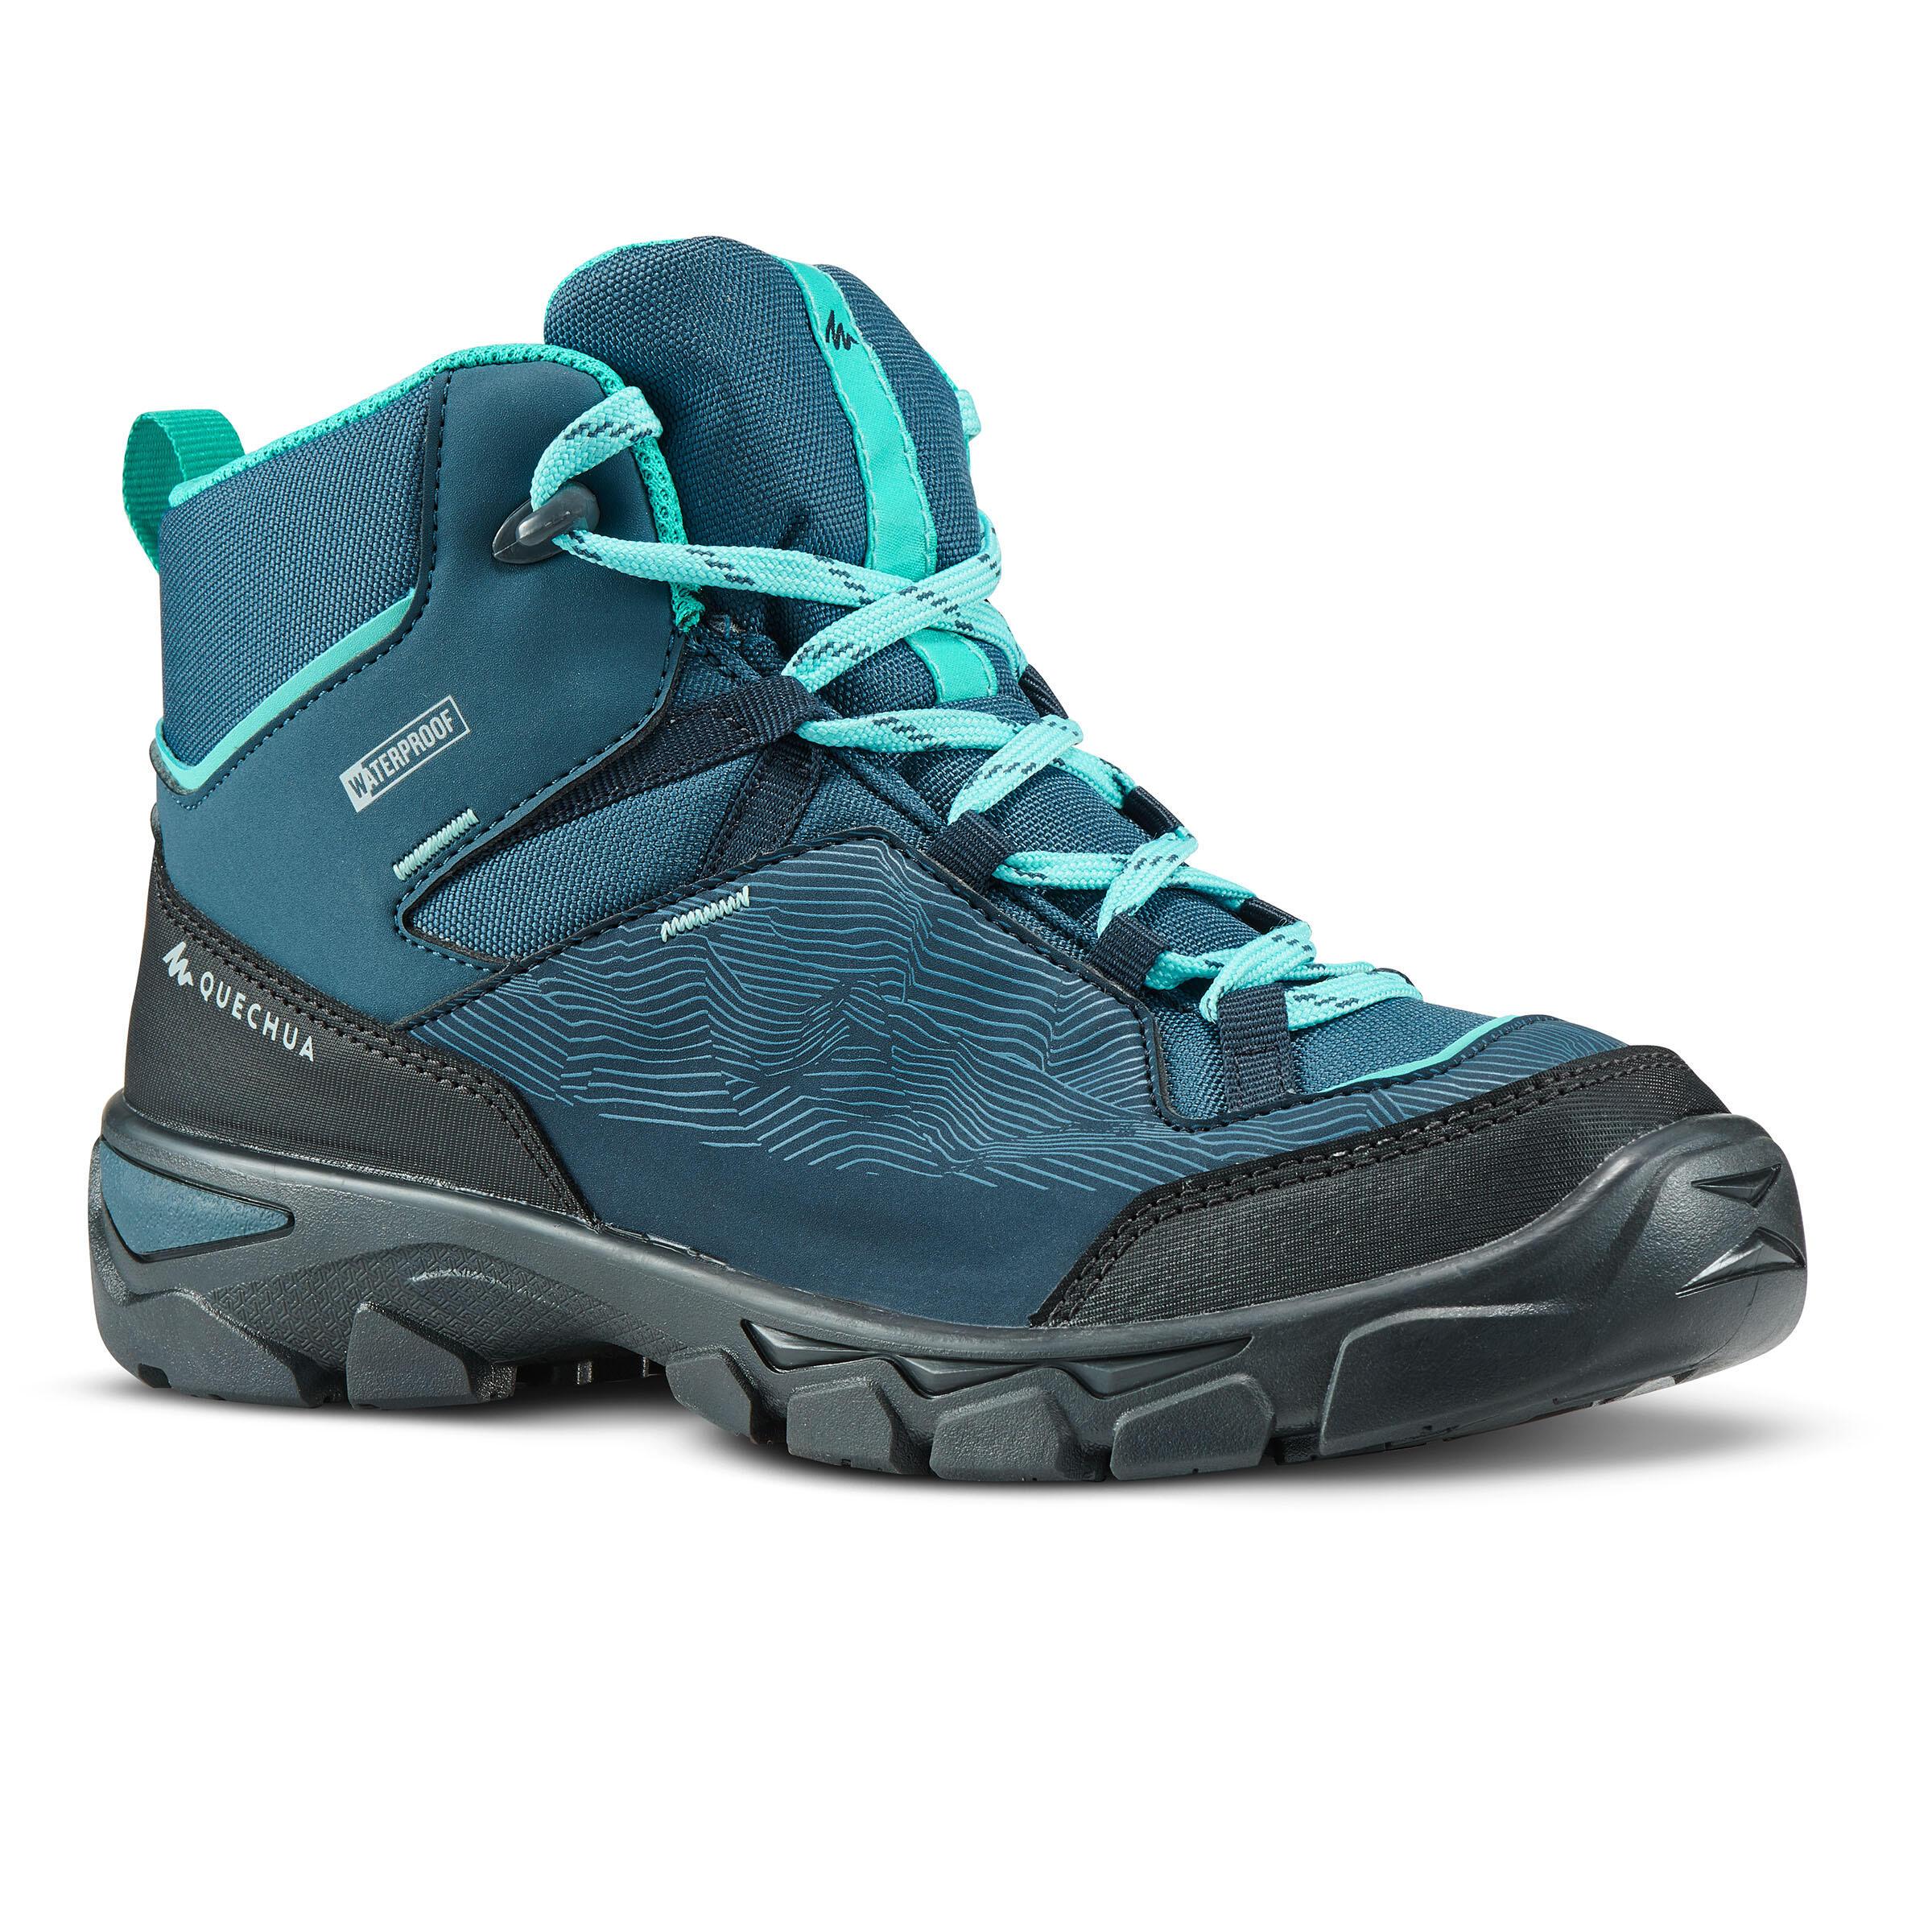 Zapatillas de Trekking Botas de Senderismo Botas de Nieve Unisex Ni/ños Botas Deportivas para ni/ños Botas de Invierno c/álidas Antideslizantes Corte Alto